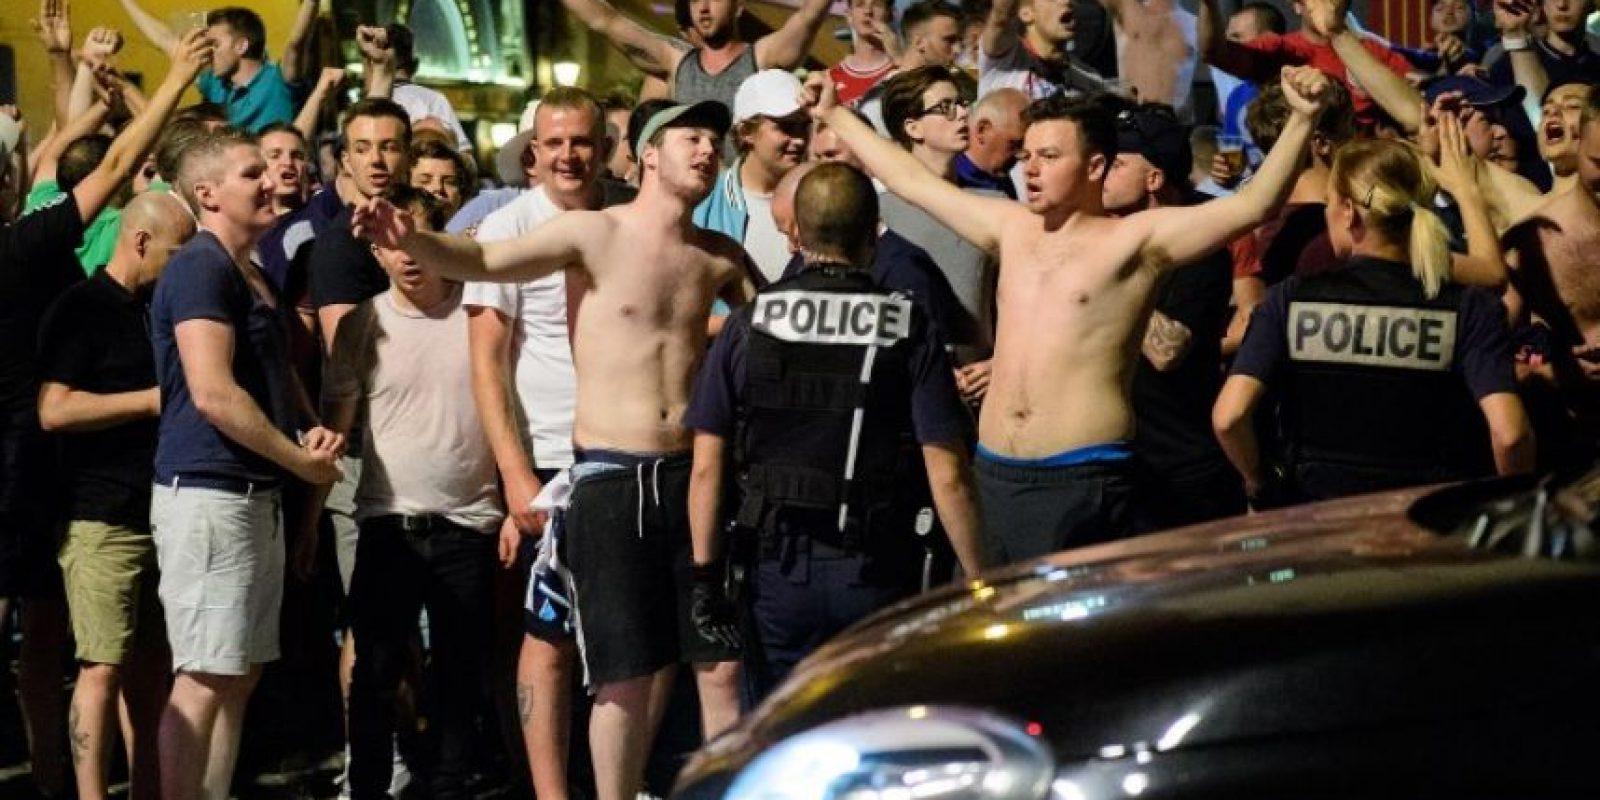 Los ingleses salieron de un pub irlandés y se enfrentaron con la policía e hinchas franceses Foto:AFP